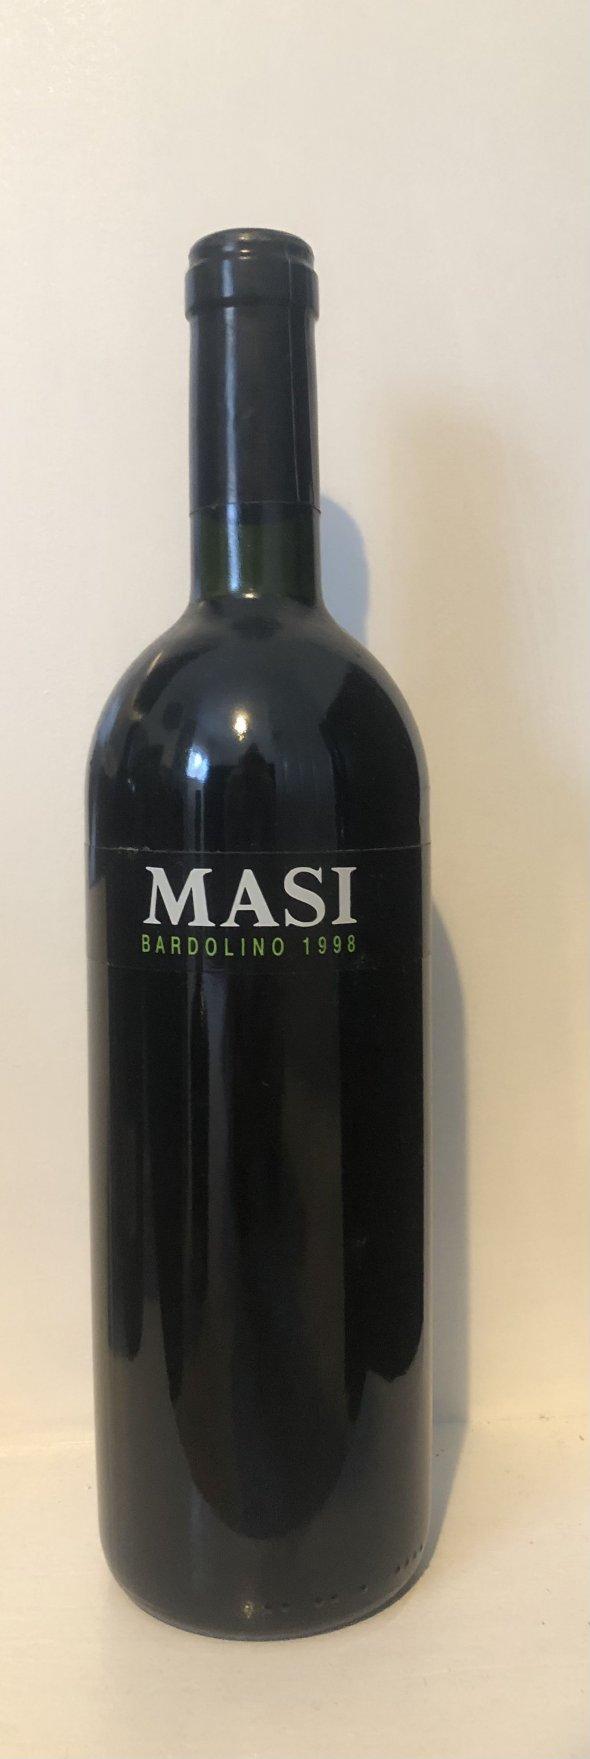 Masi, Bardolino 1993